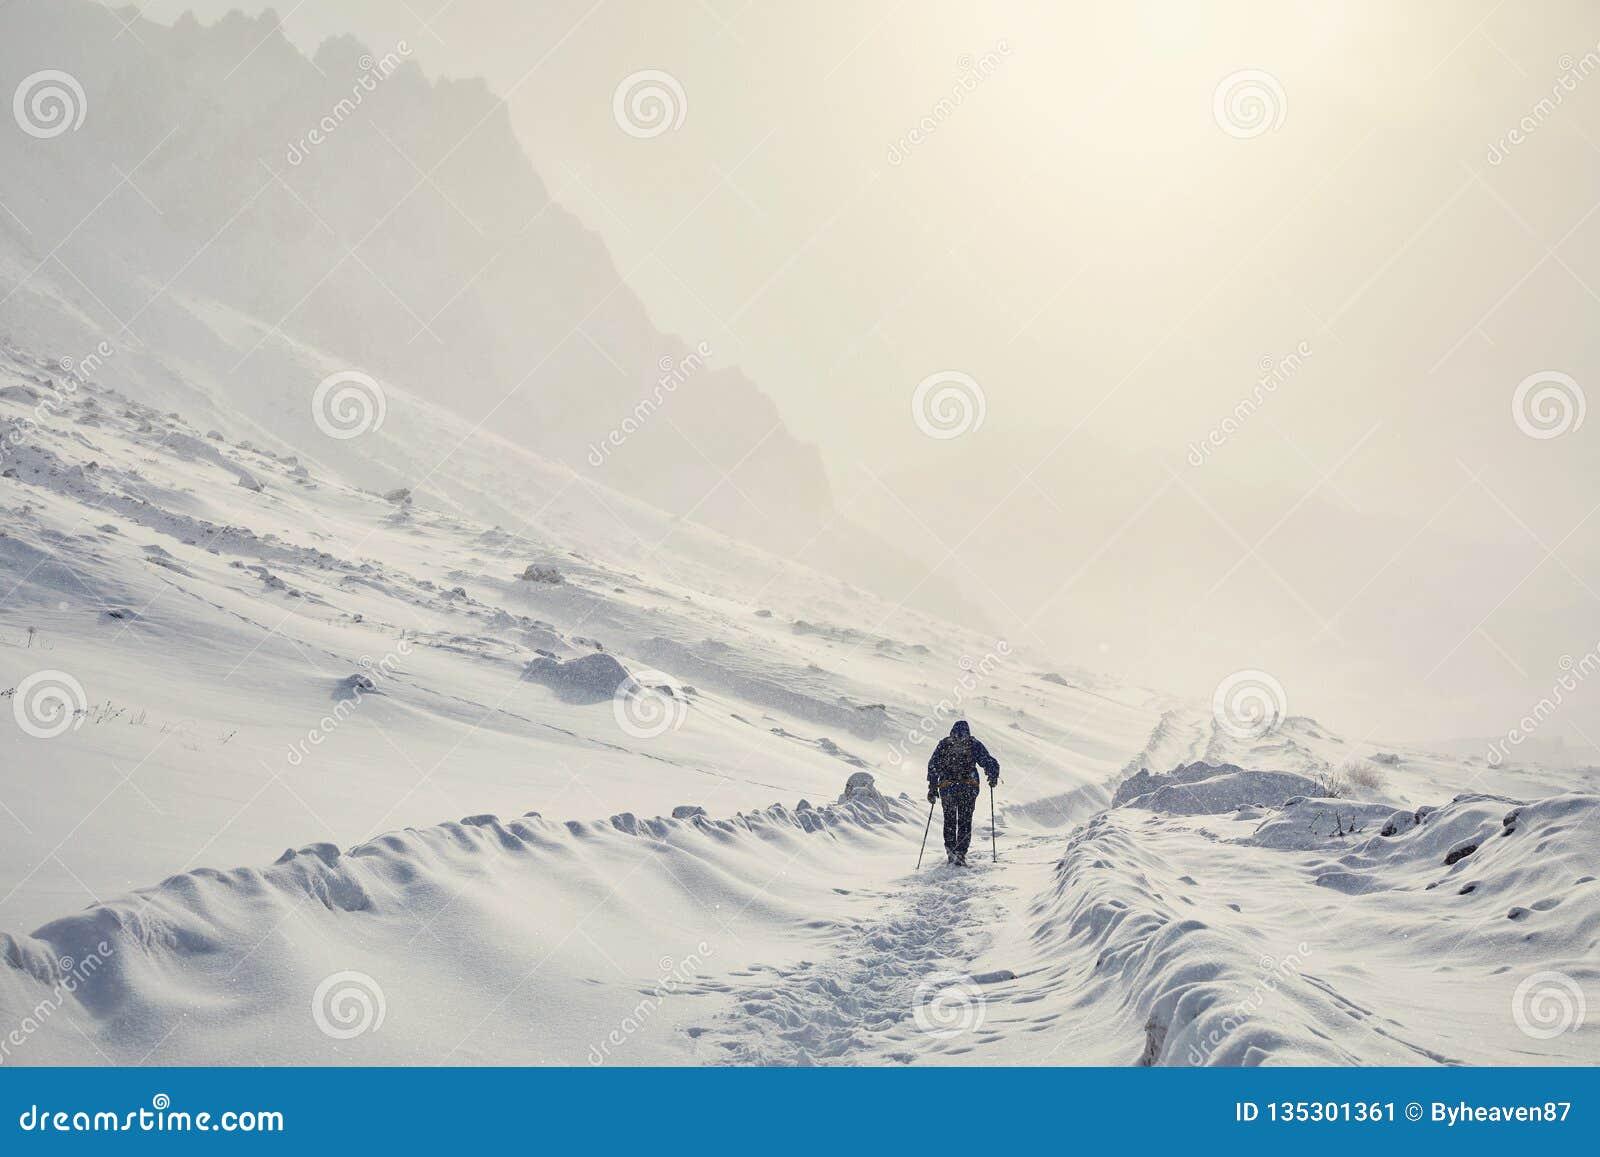 Hiker в горах снега